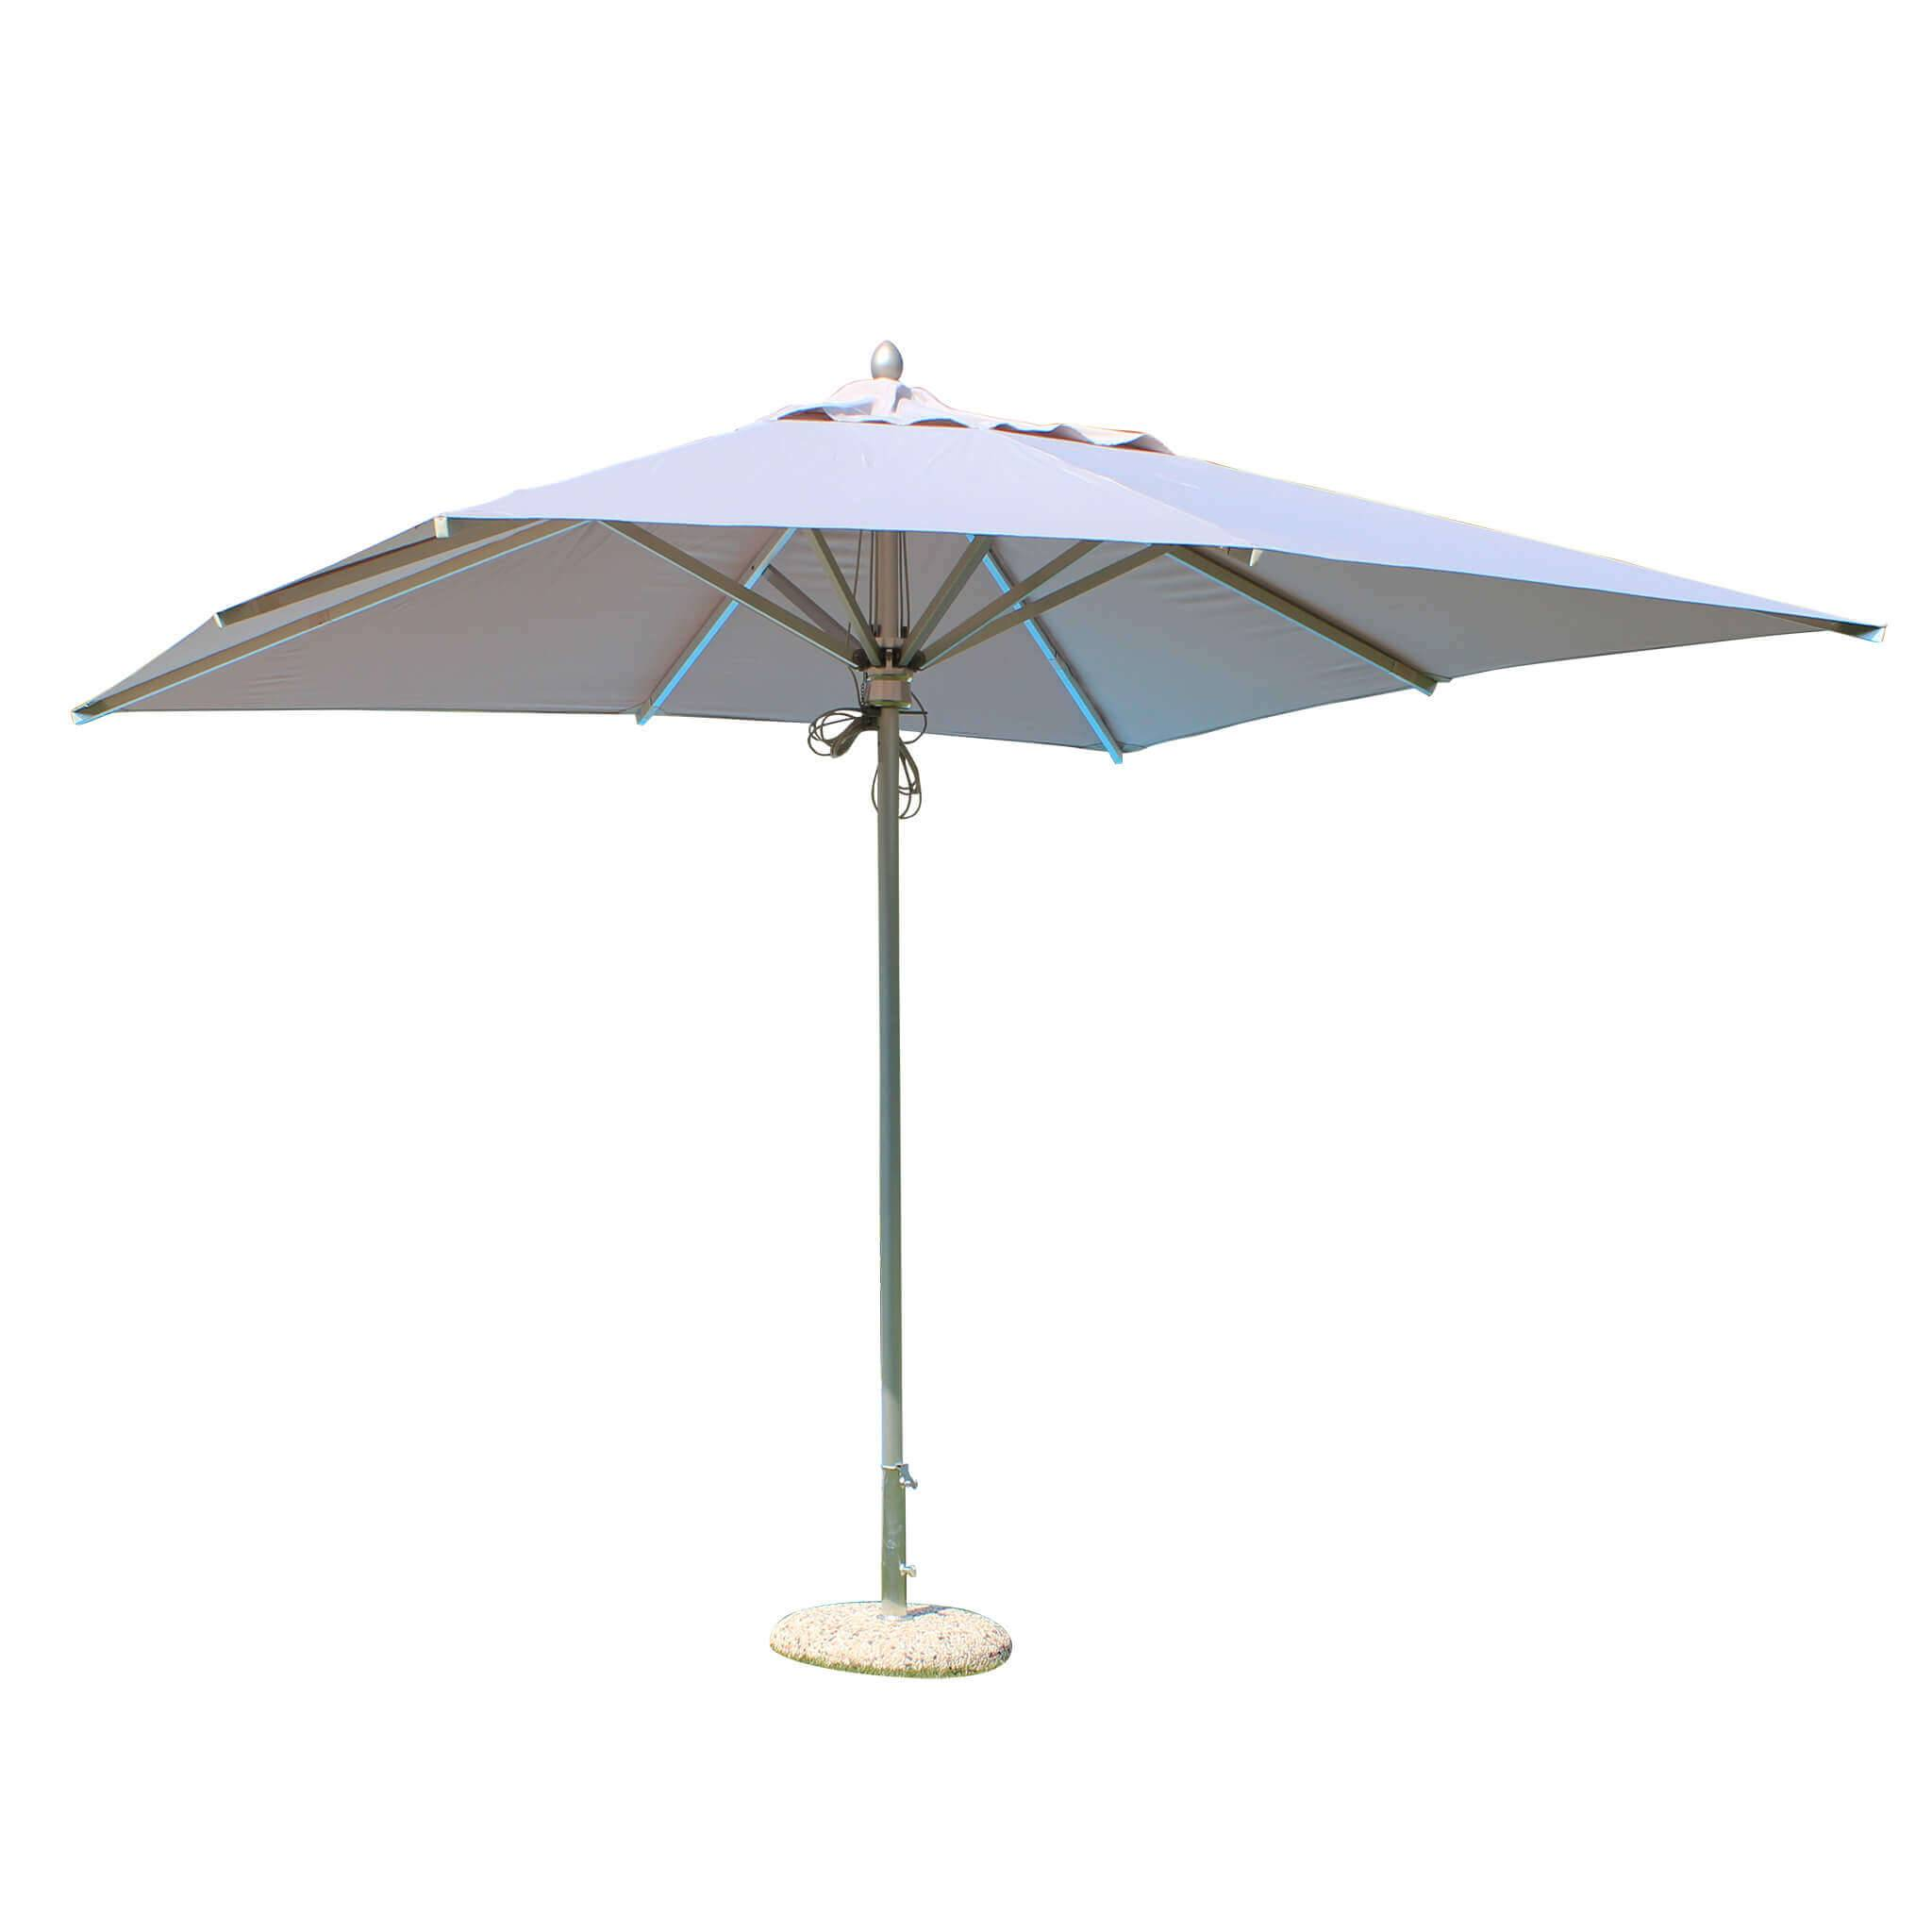 Milani Home ABACUS - ombrellone da giardino 3 x 4 palo centrale in alluminio